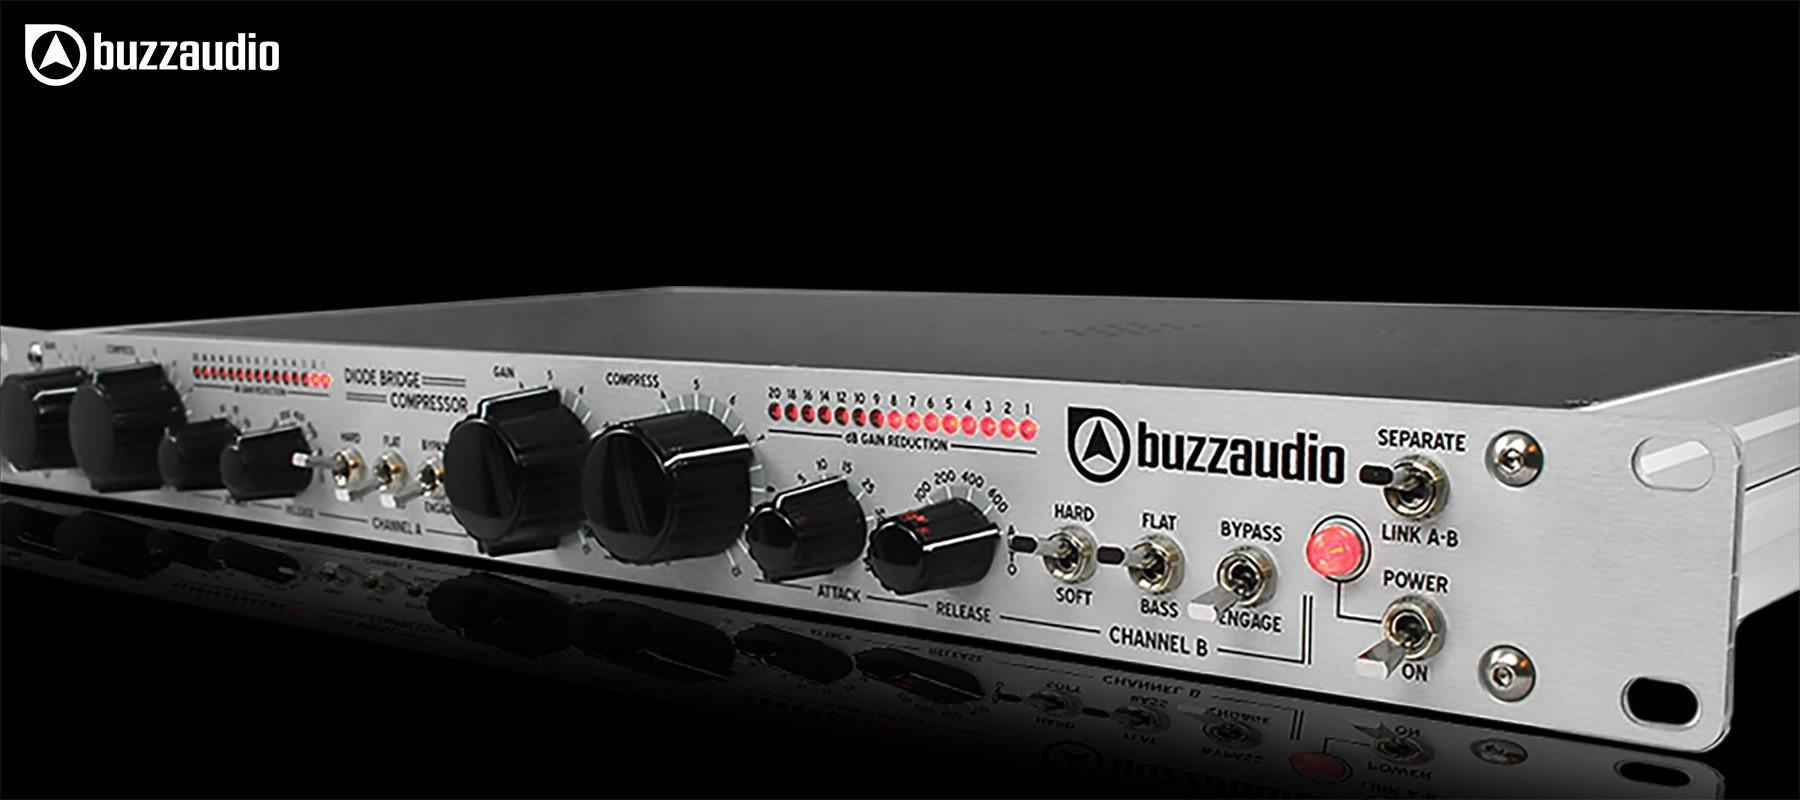 Buzz Audio DBC-20